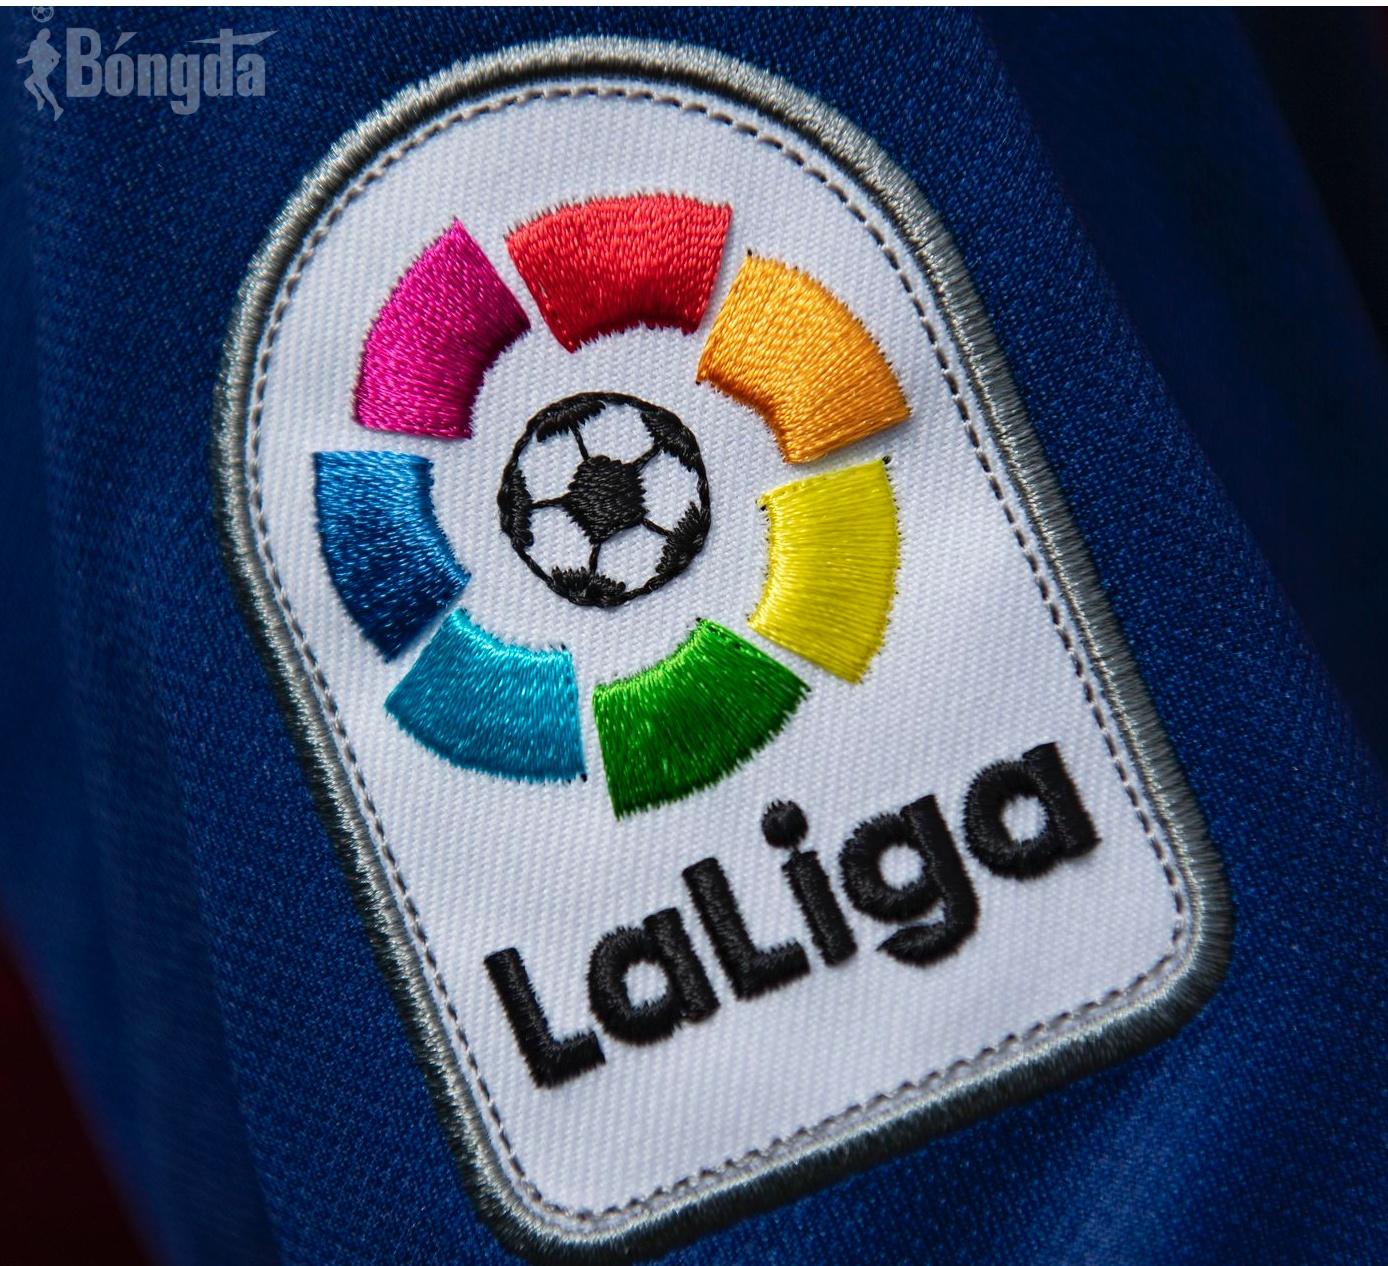 La liga 20/21:  Tổng hợp sự kiện chấn động bóng đá Tây ban nha  (Phần 2)